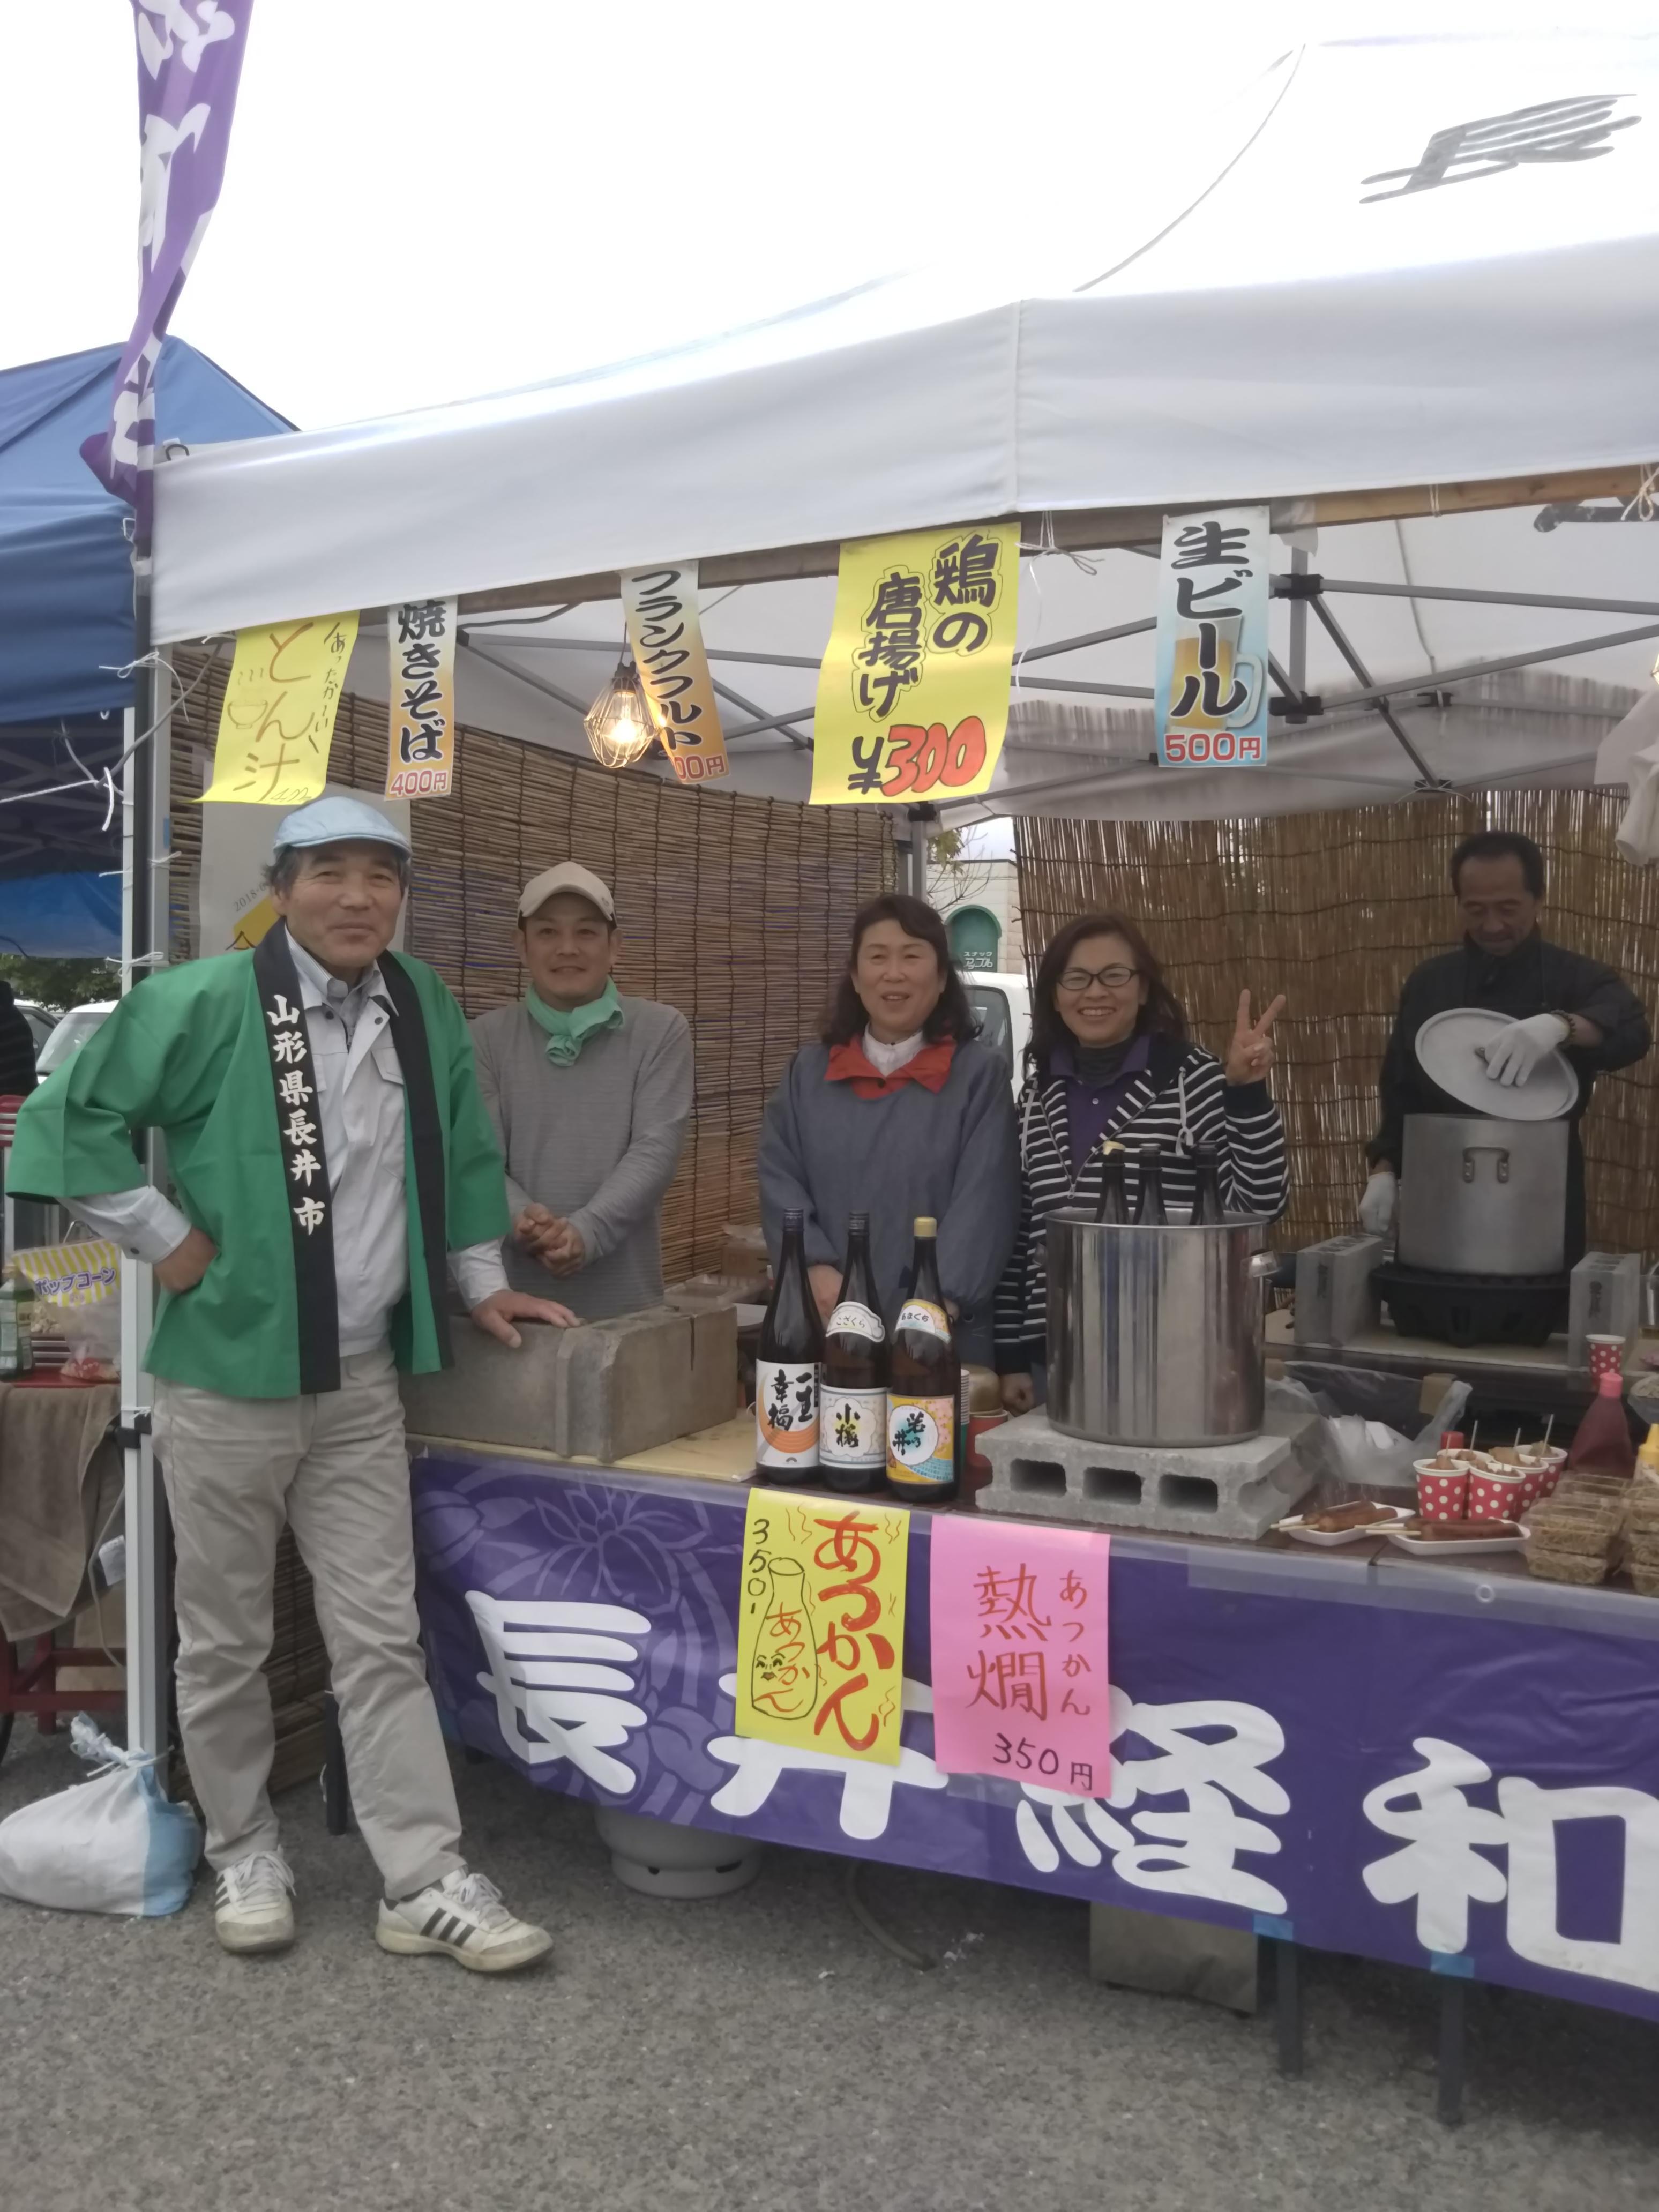 長井経和会 5月例会 黒獅子まつり売店